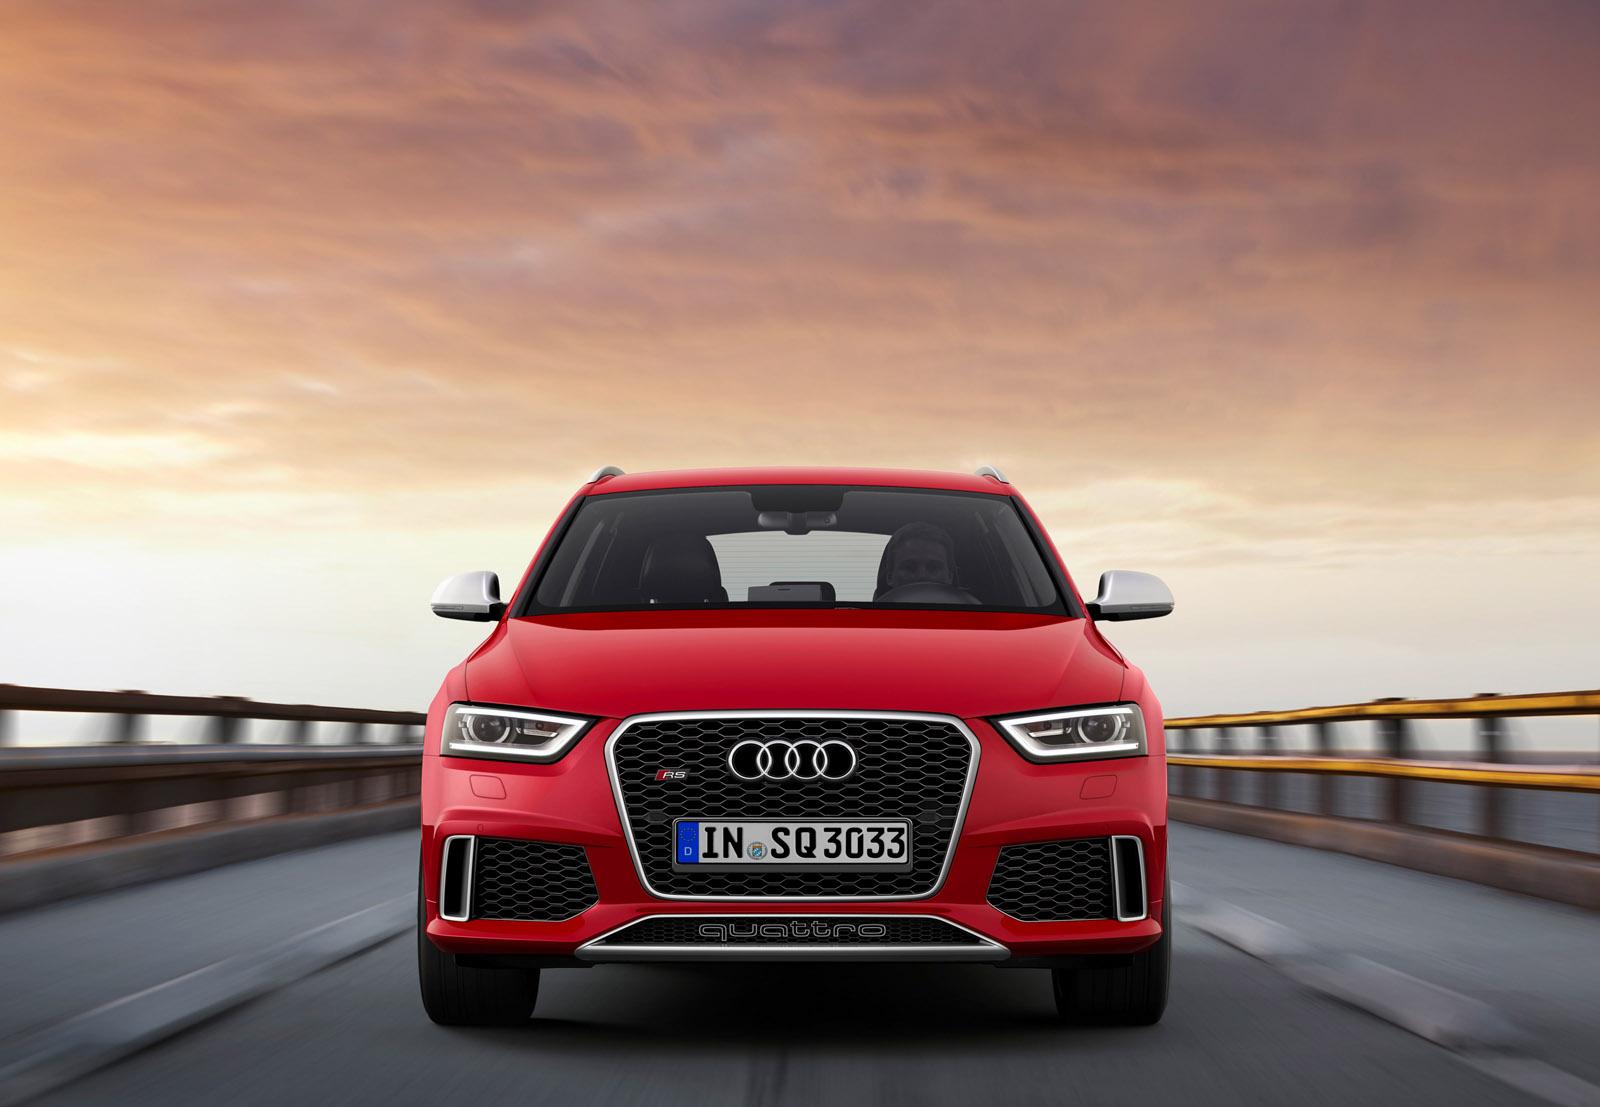 2014 Audi RS Q3